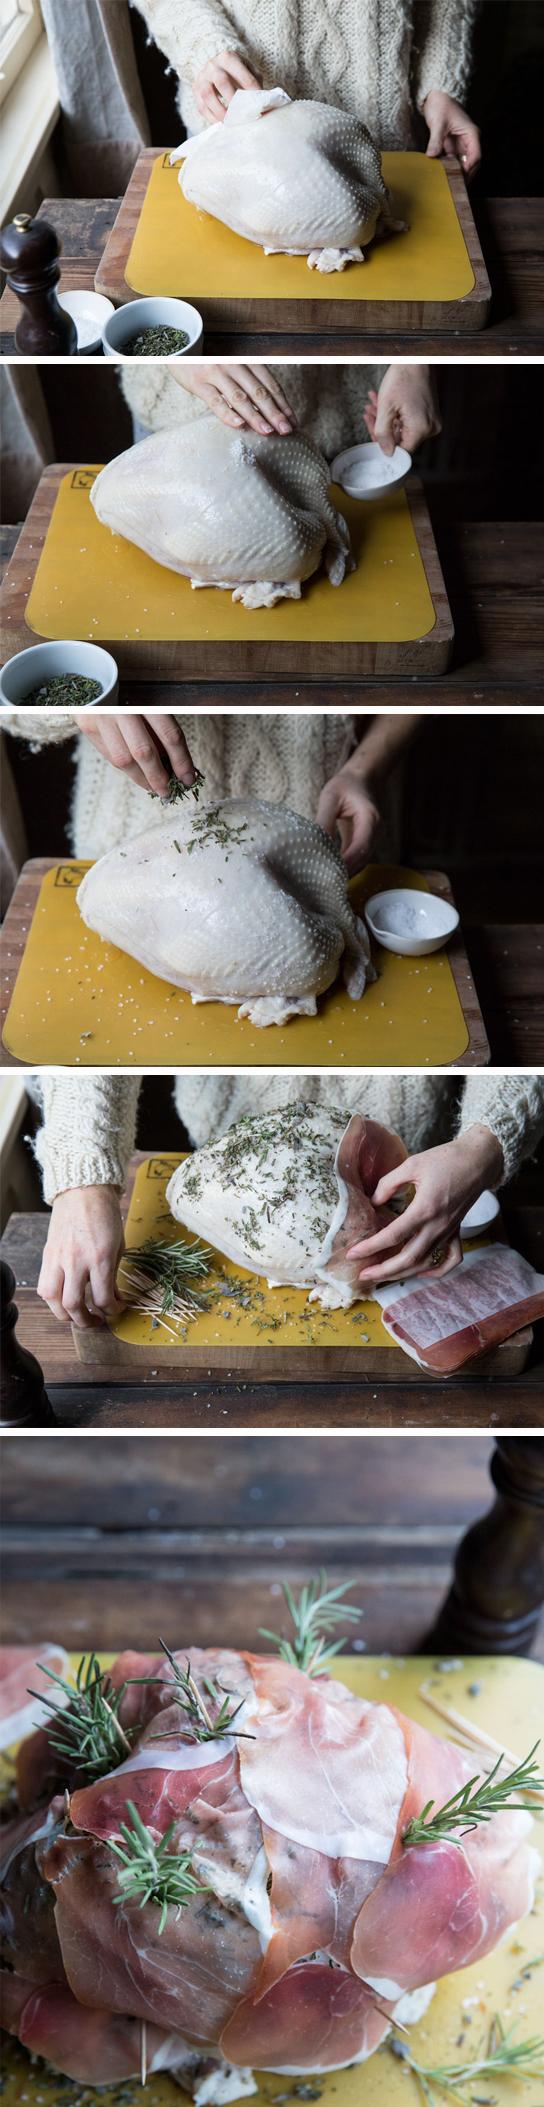 How to Prep and Roast a Turkey • theVintageMixer.com